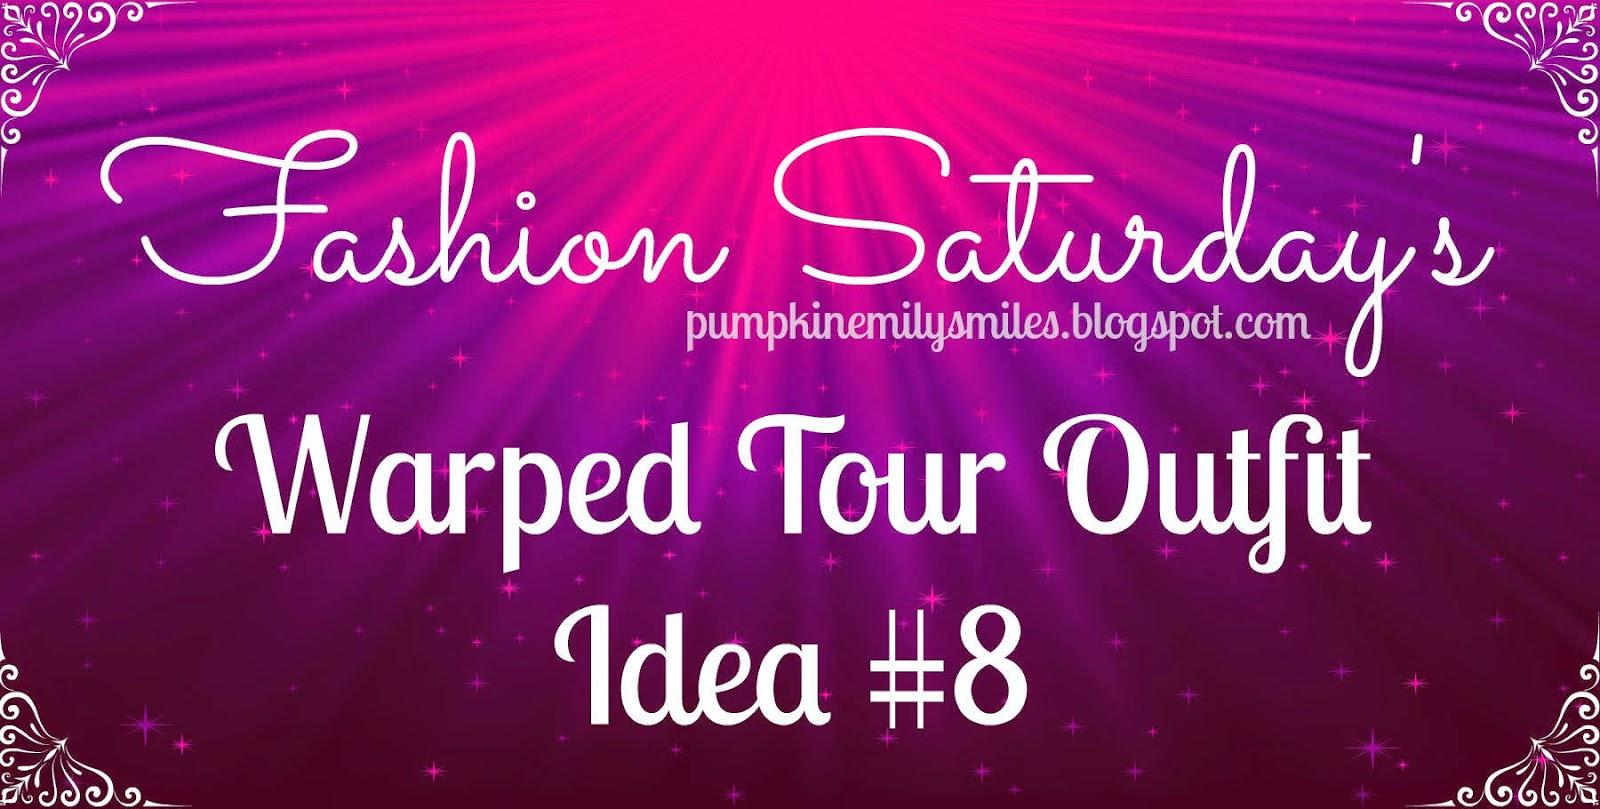 Fashion Saturday's Vans Warped Tour Outfit Idea #8